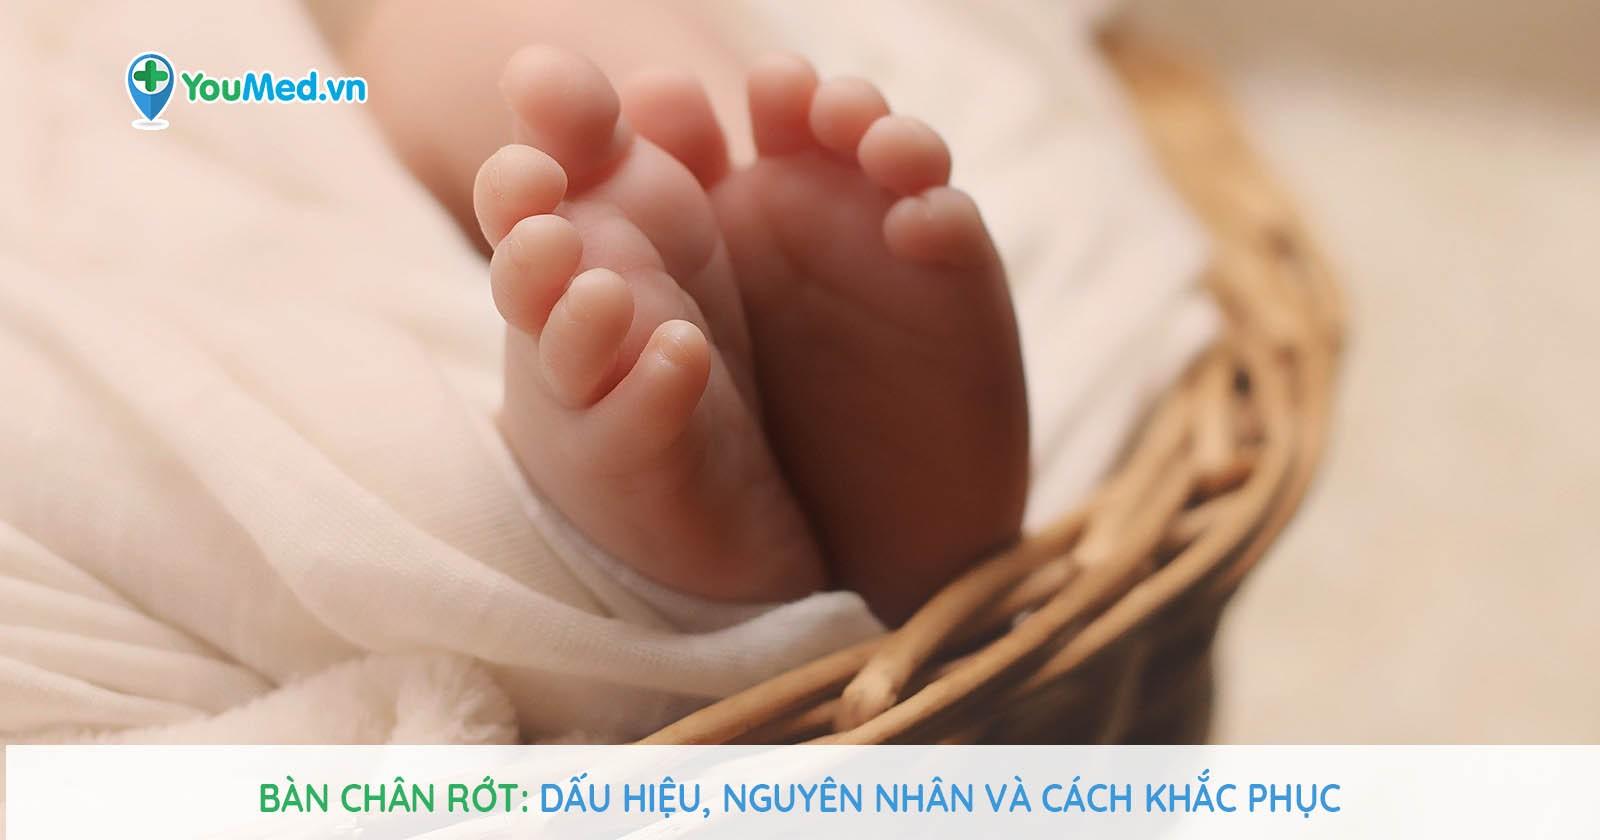 Bàn chân rớt: dấu hiệu, nguyên nhân và cách khắc phục